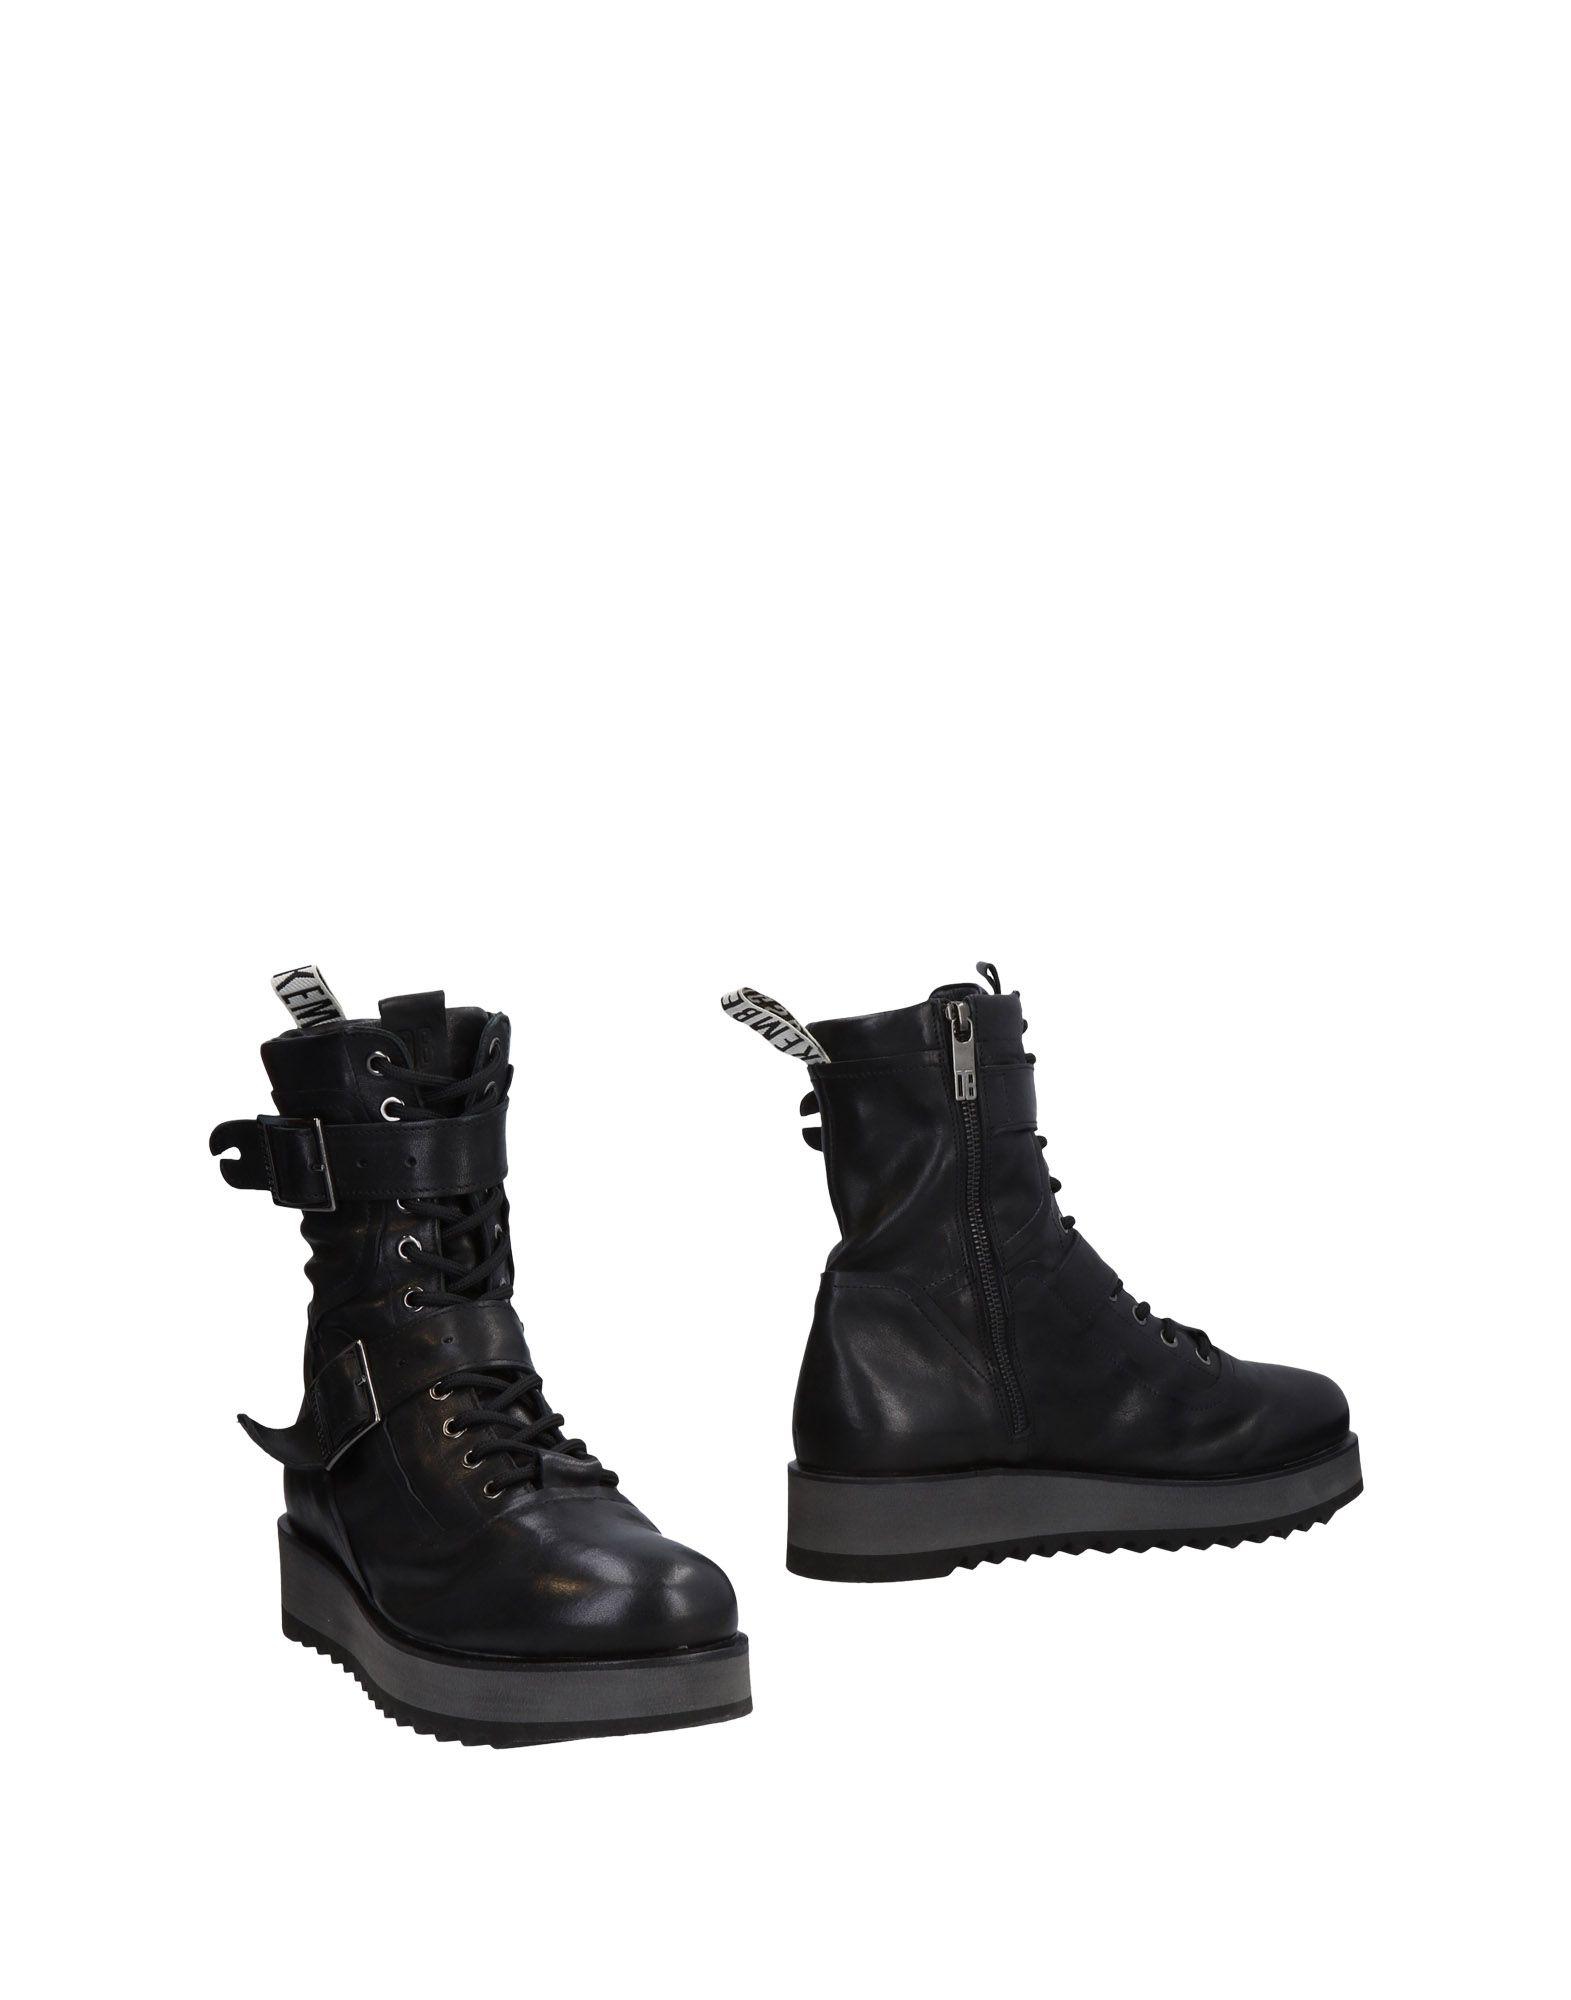 Dirk Bikkembergs Bikkembergs Boots - Men Dirk Bikkembergs Bikkembergs Boots online on  Australia - 11461448EH 8baf13